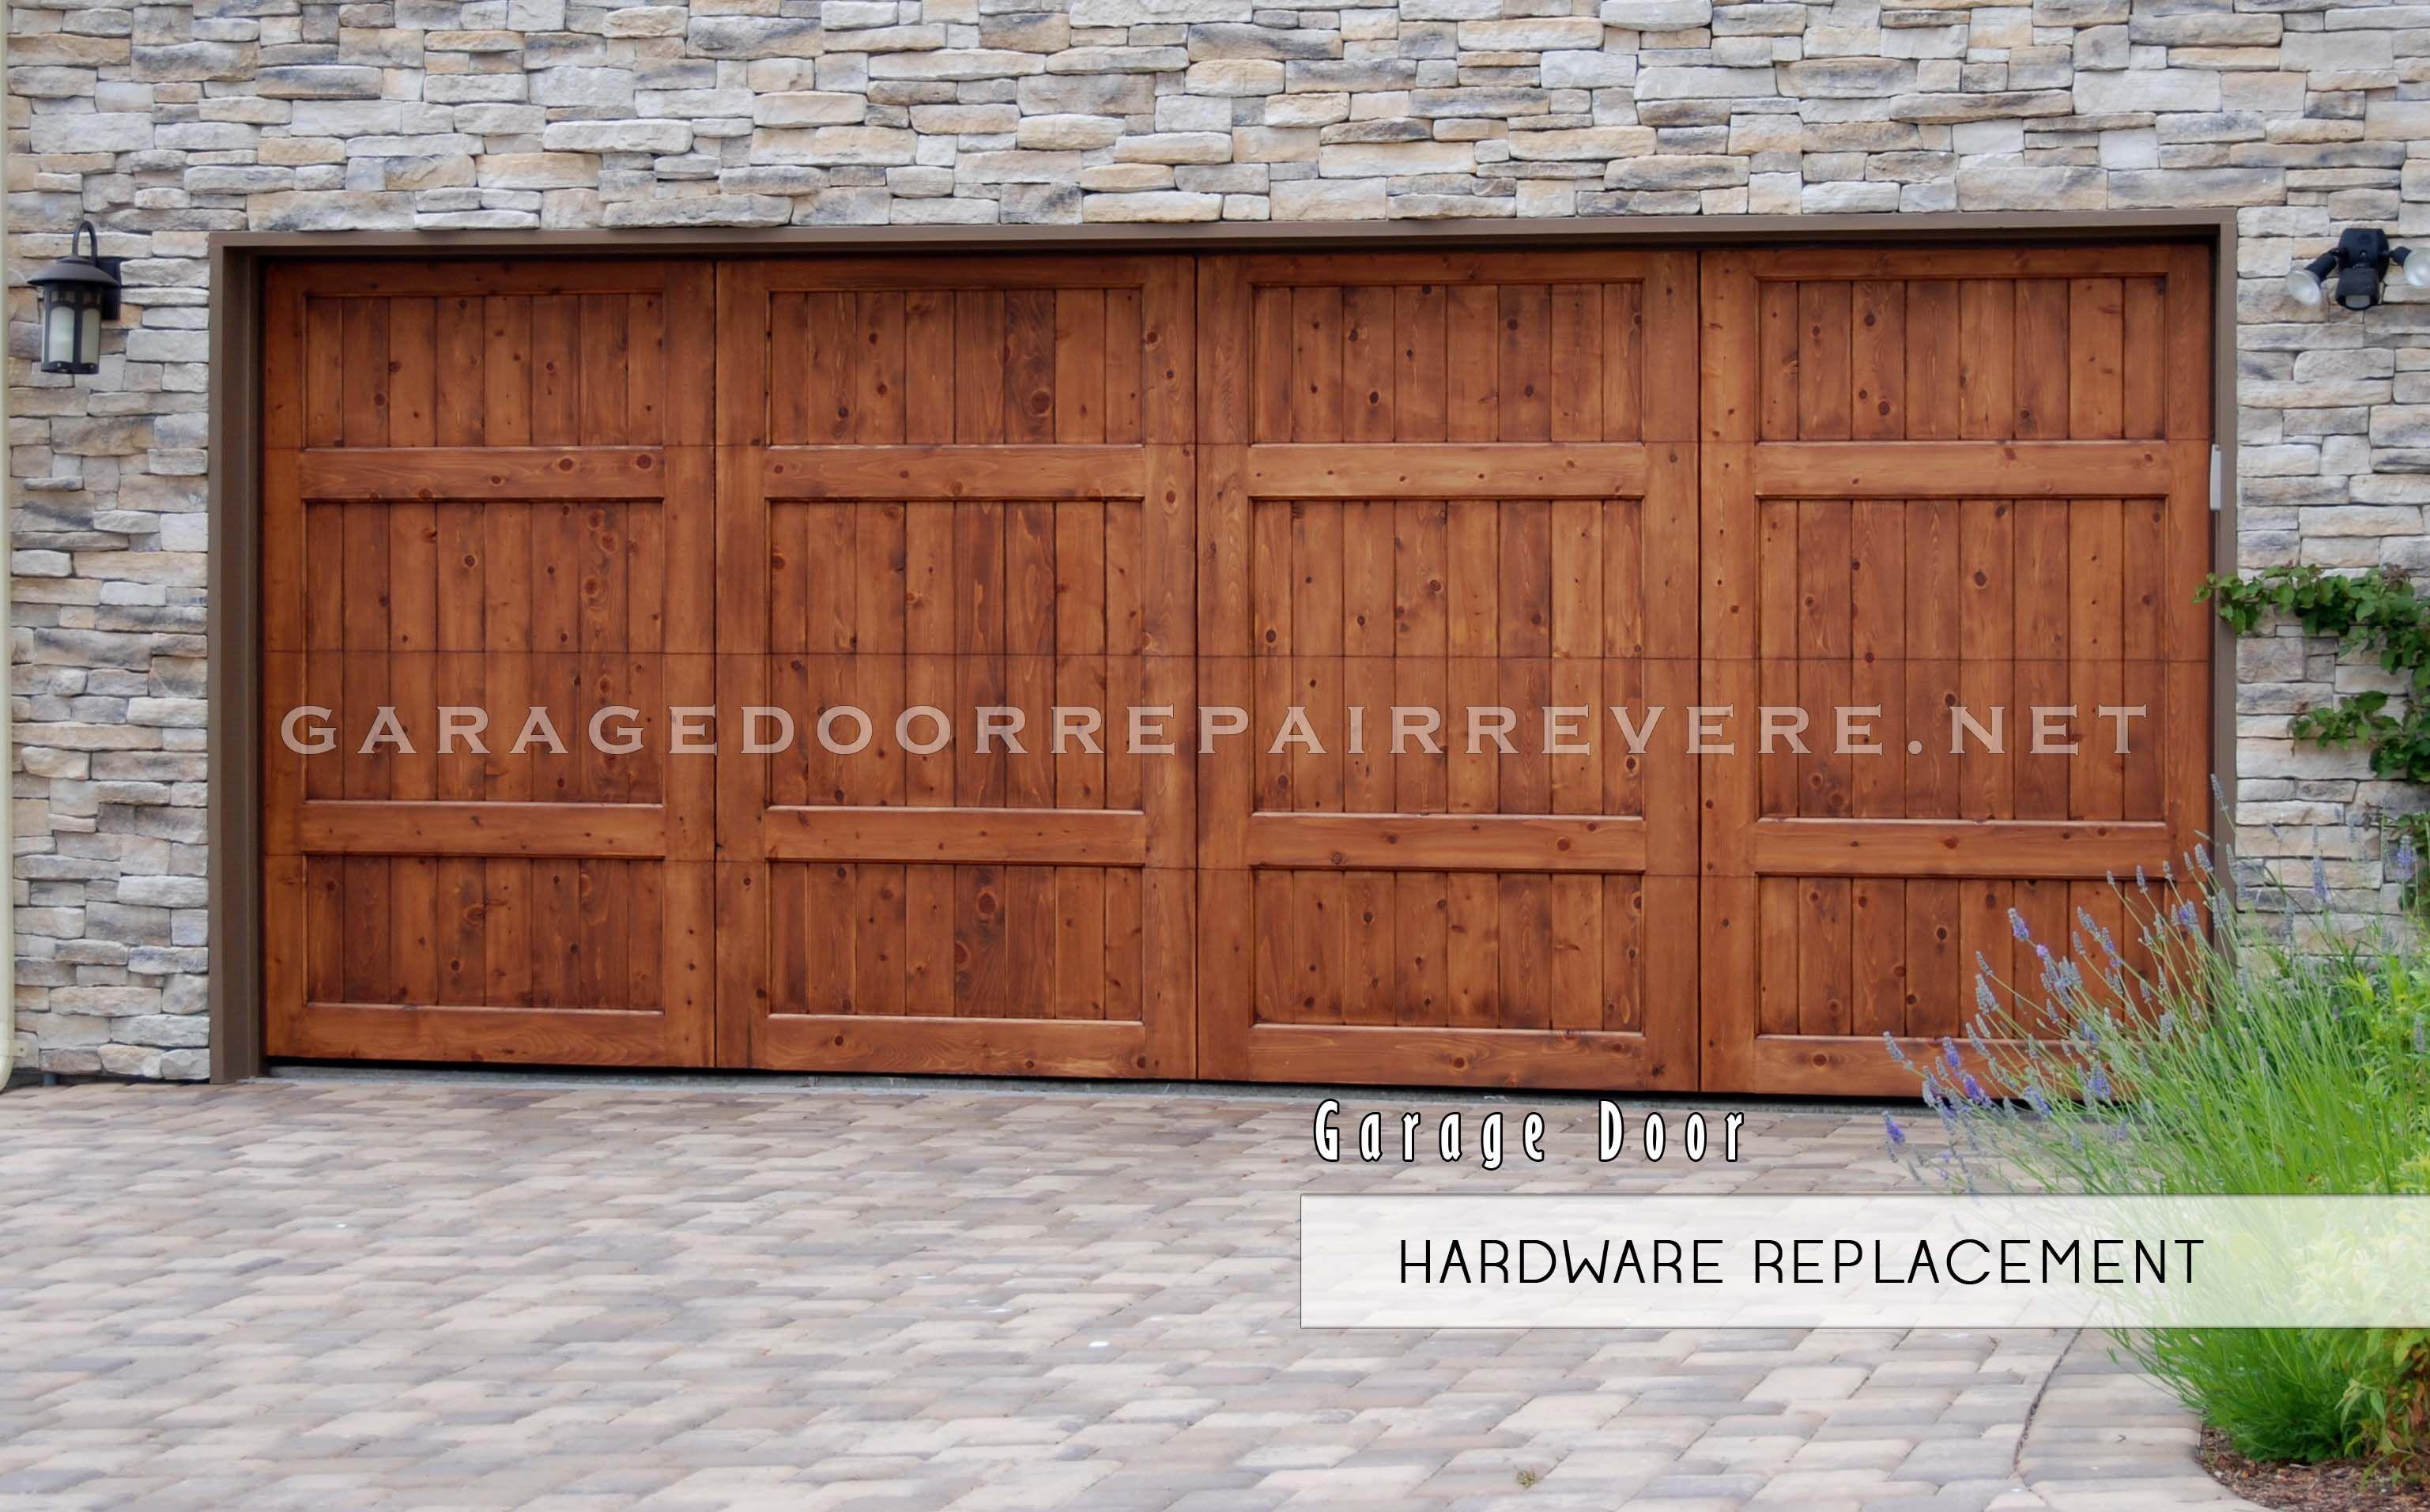 Garage Door Repair Garage Door Opener Installation Spring Repair Roll Up Gates Garage Doors Residential Front Doors Garage Door Installation